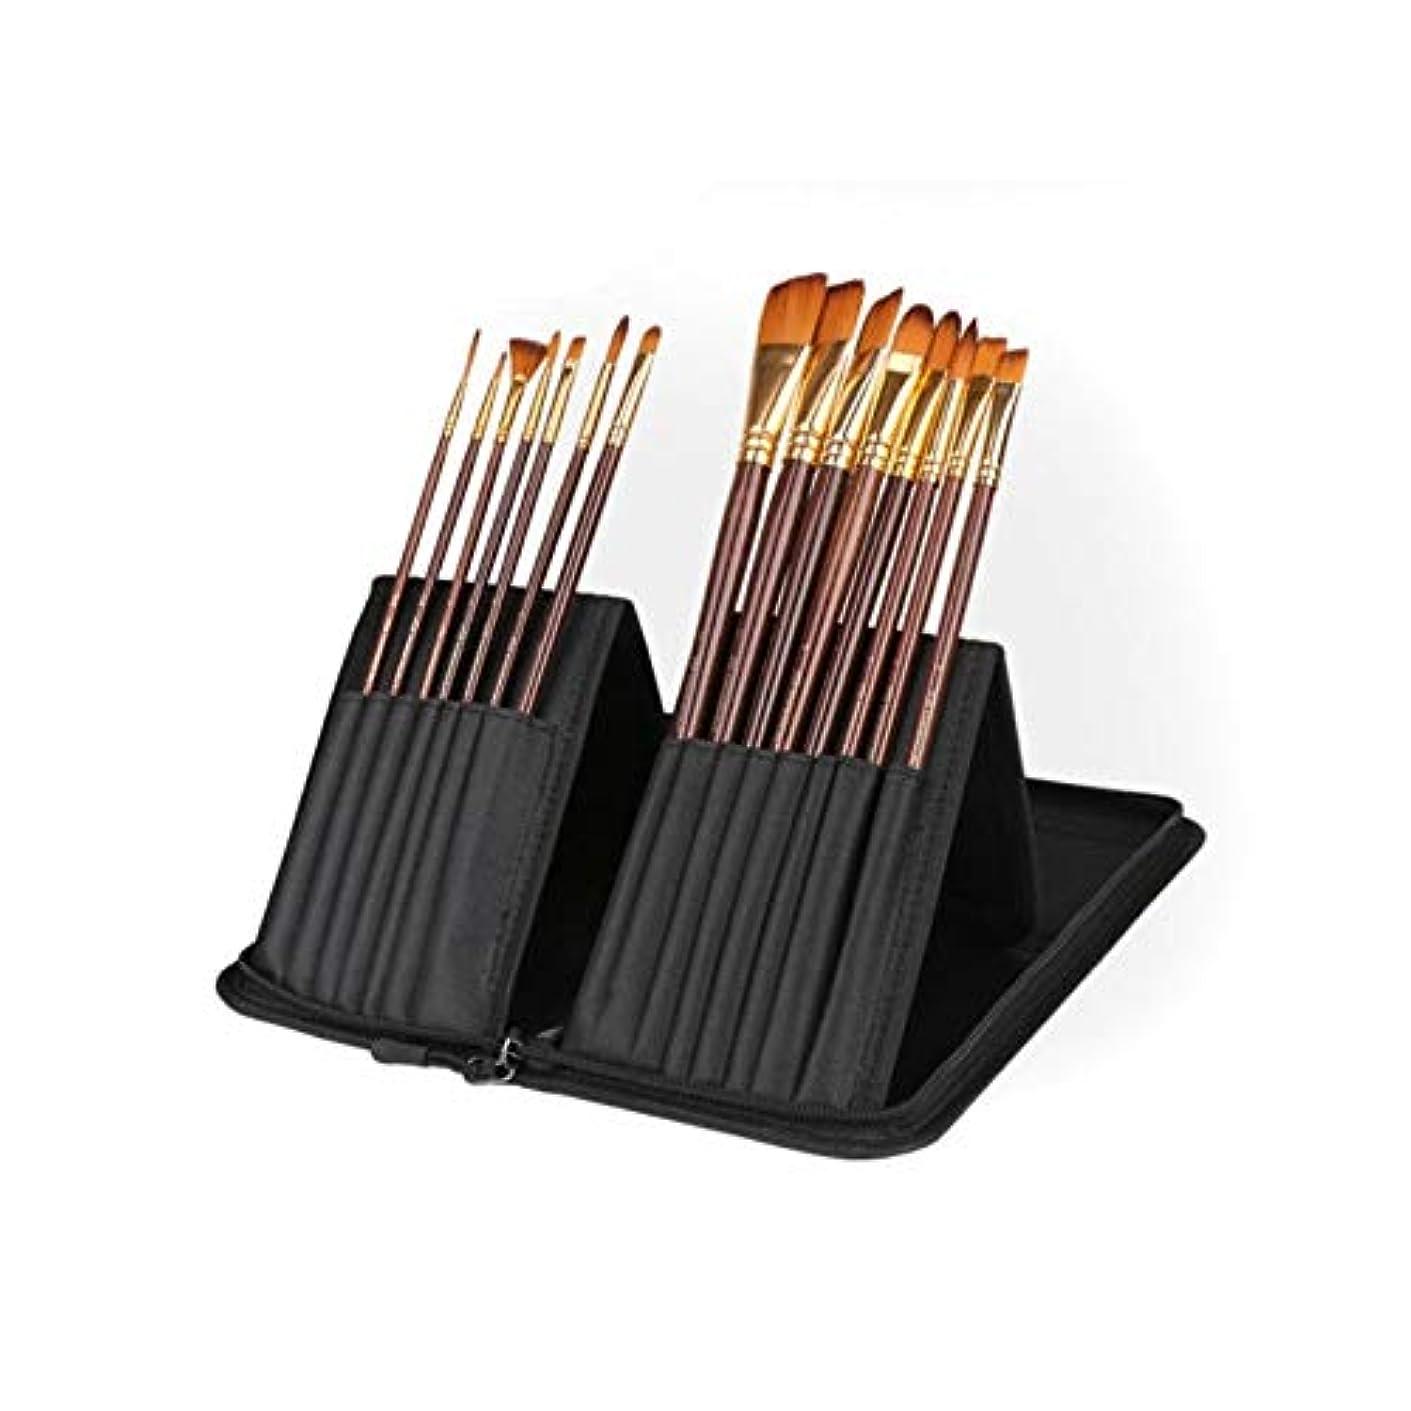 ミルクじゃがいも無駄Wuhuizhenjingxiaobu001 ペイントブラシ、15オイルブラシ描画セット+ペンバッグ、ブラックナイロンガッシュ/油絵/アクリル/水彩フックラインペン(15個、14 * 38 cm) 良い着色効果 (Color : 15 sticks, Size : 14*38cm)